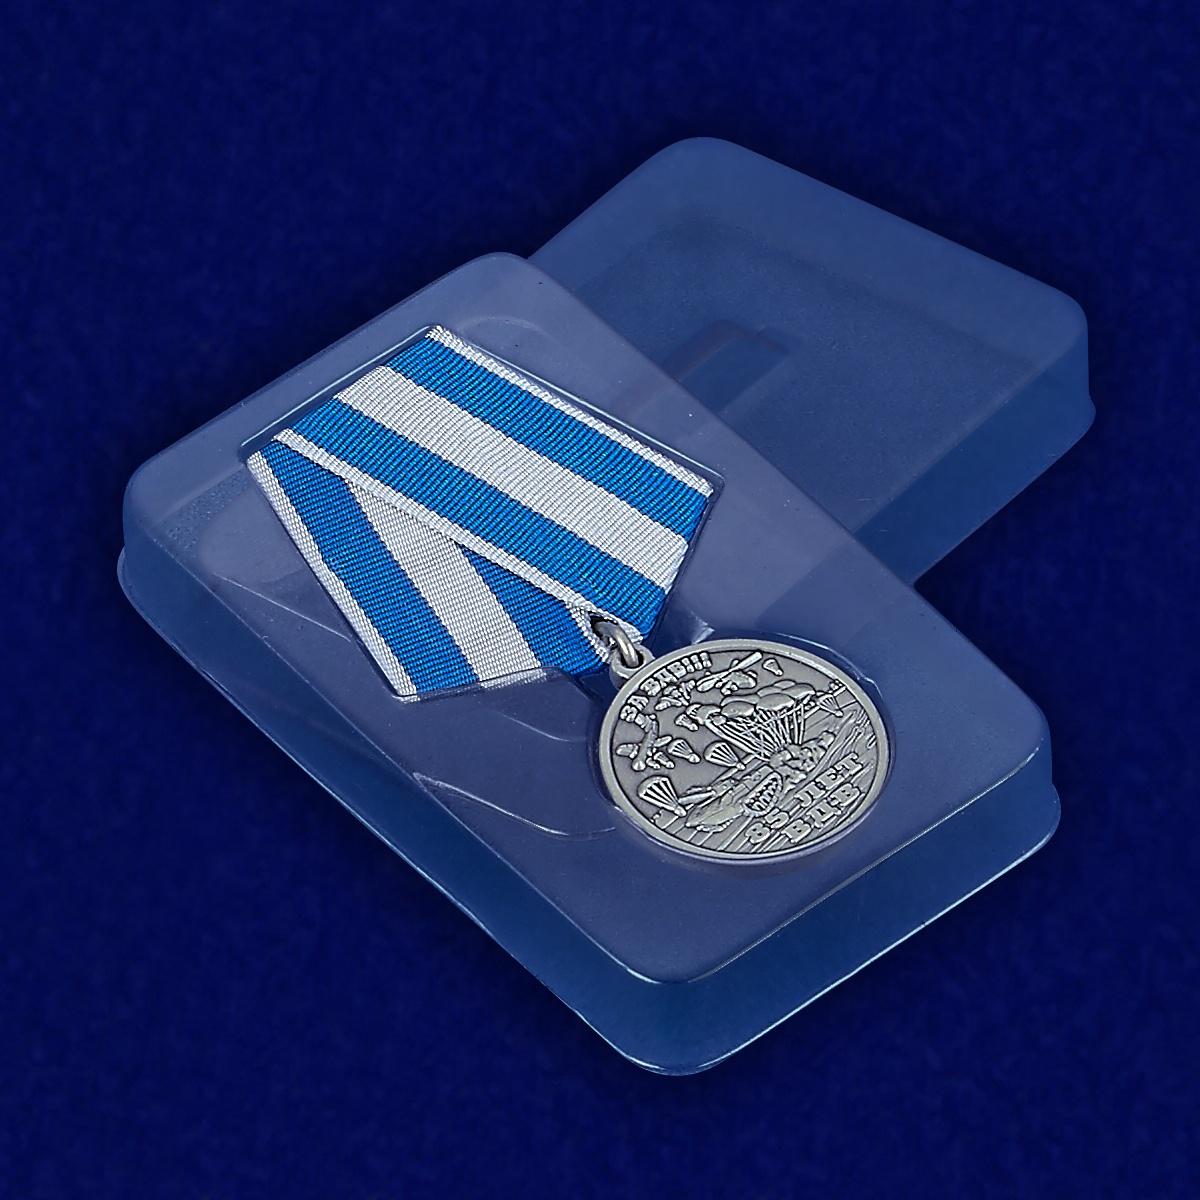 Памятная медаль 85 лет ВДВ - вид в футляре